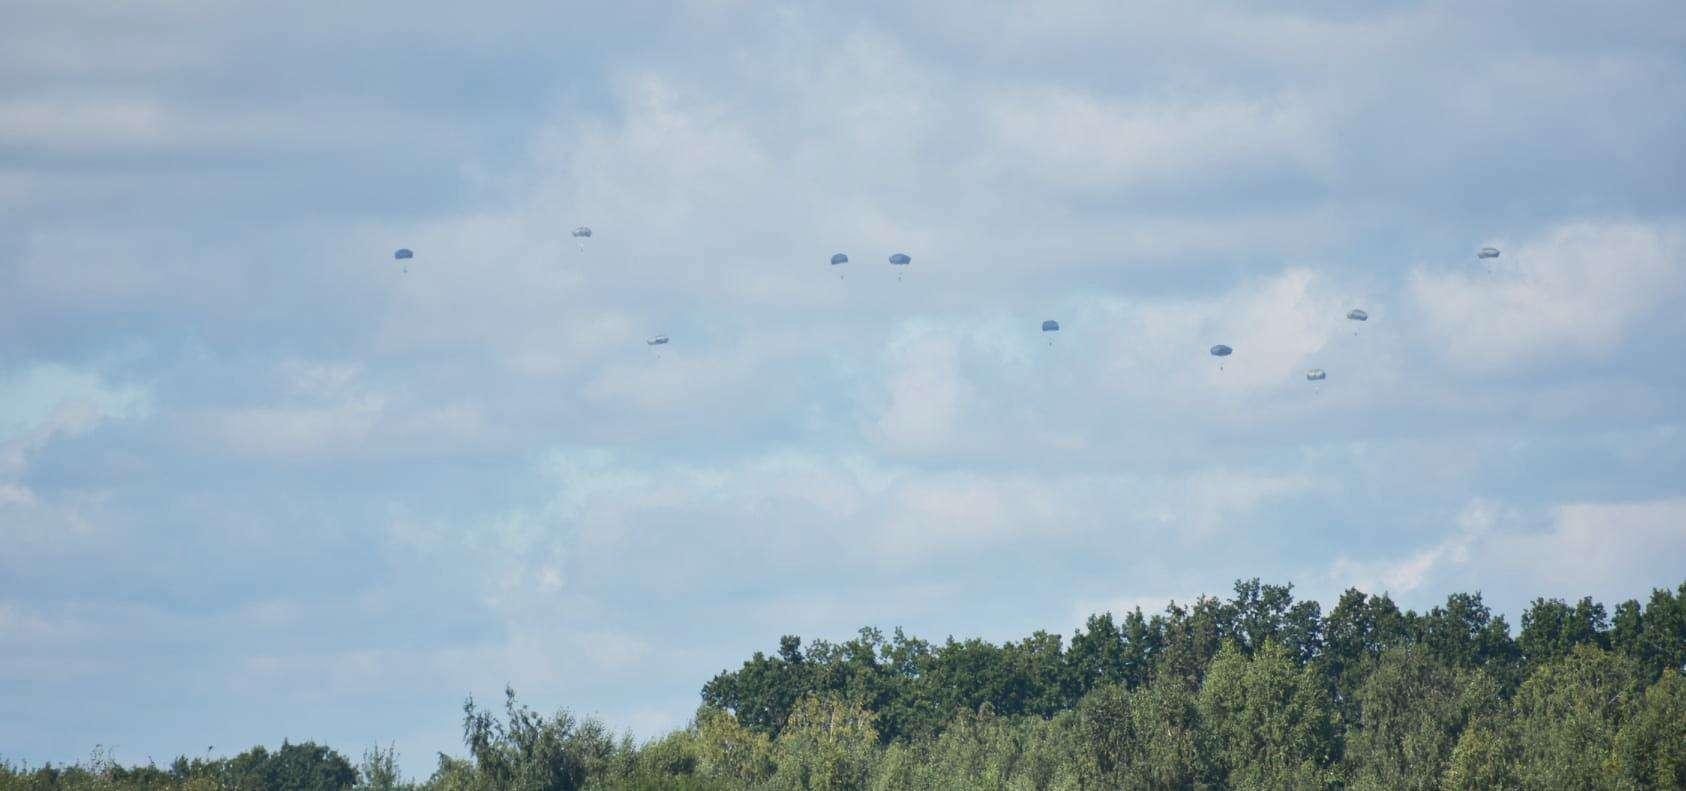 Військові випробовують парашутну систему Т-11 стрибками з Ан-26. Вересень 2021. Фото: ЗСУ